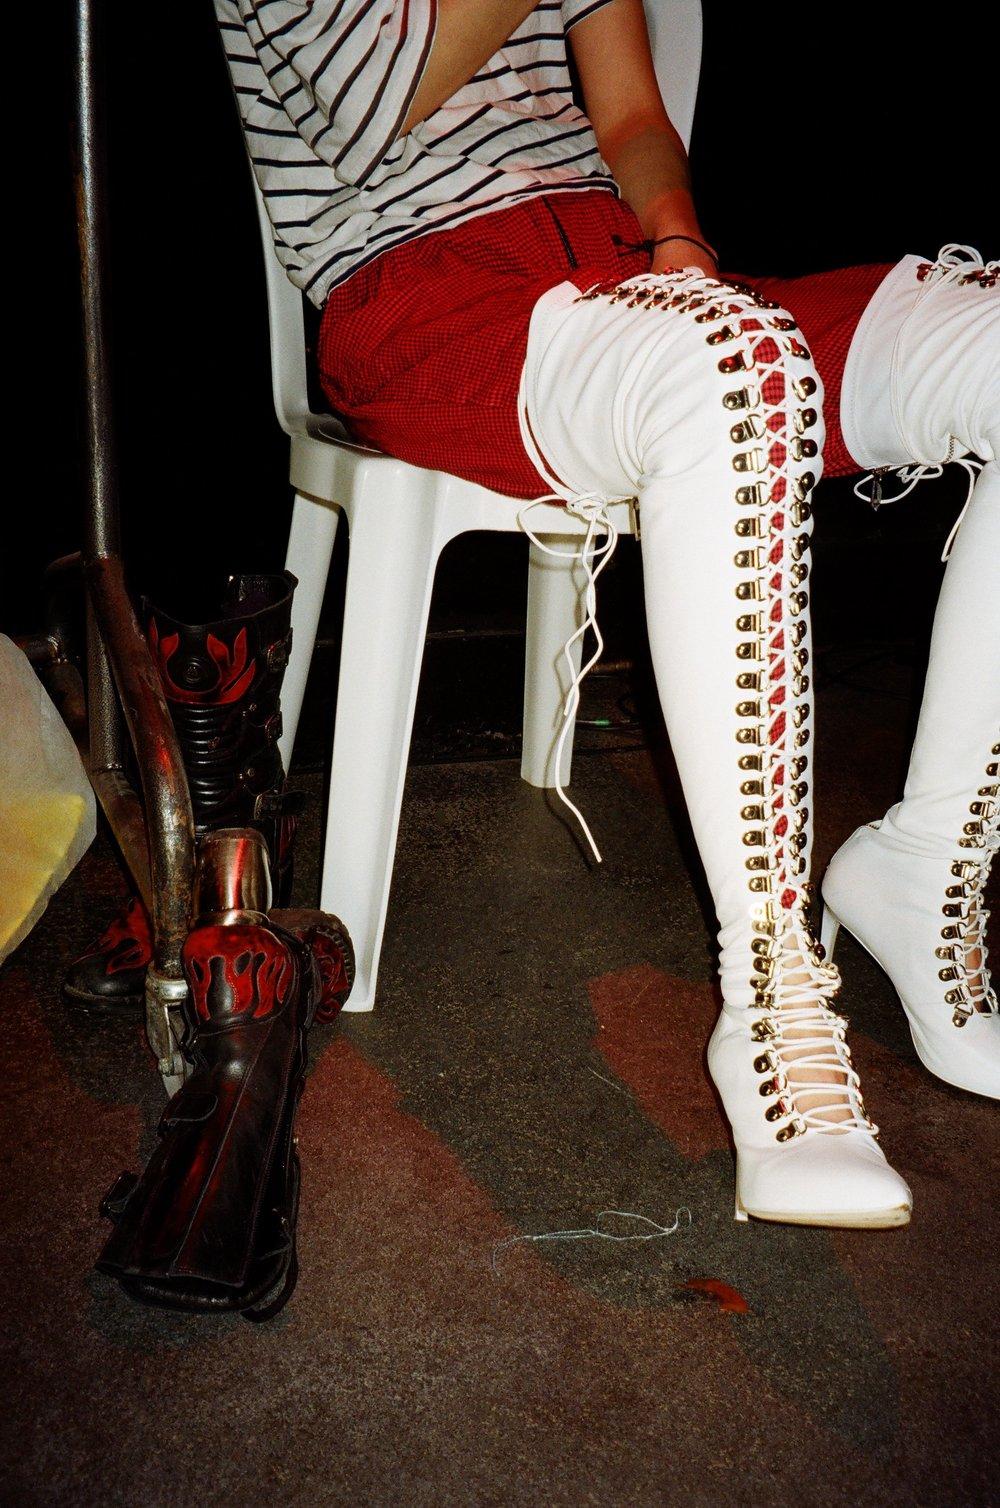 Mashama_Honigschreck_Backstage_Analog_9.JPG